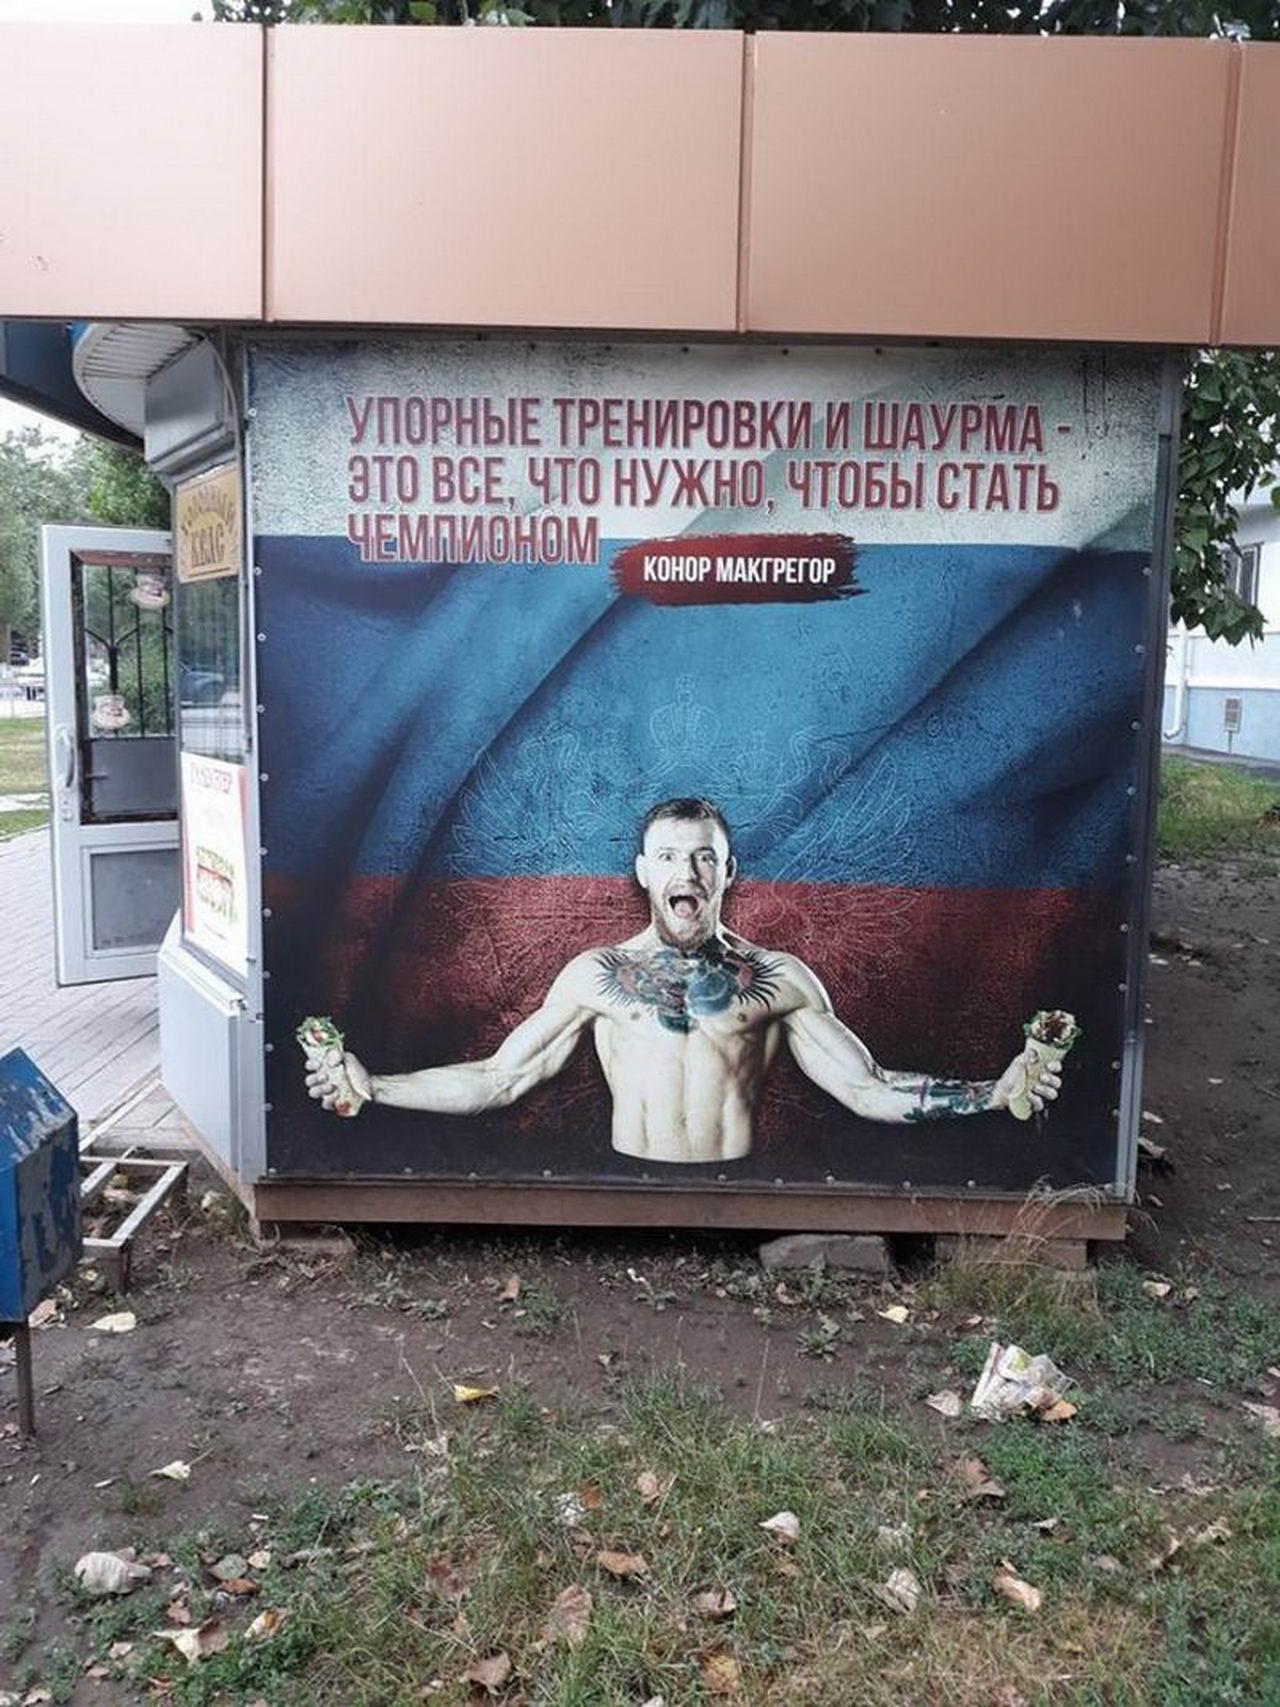 Мы живём в России - 57 (40 фото)